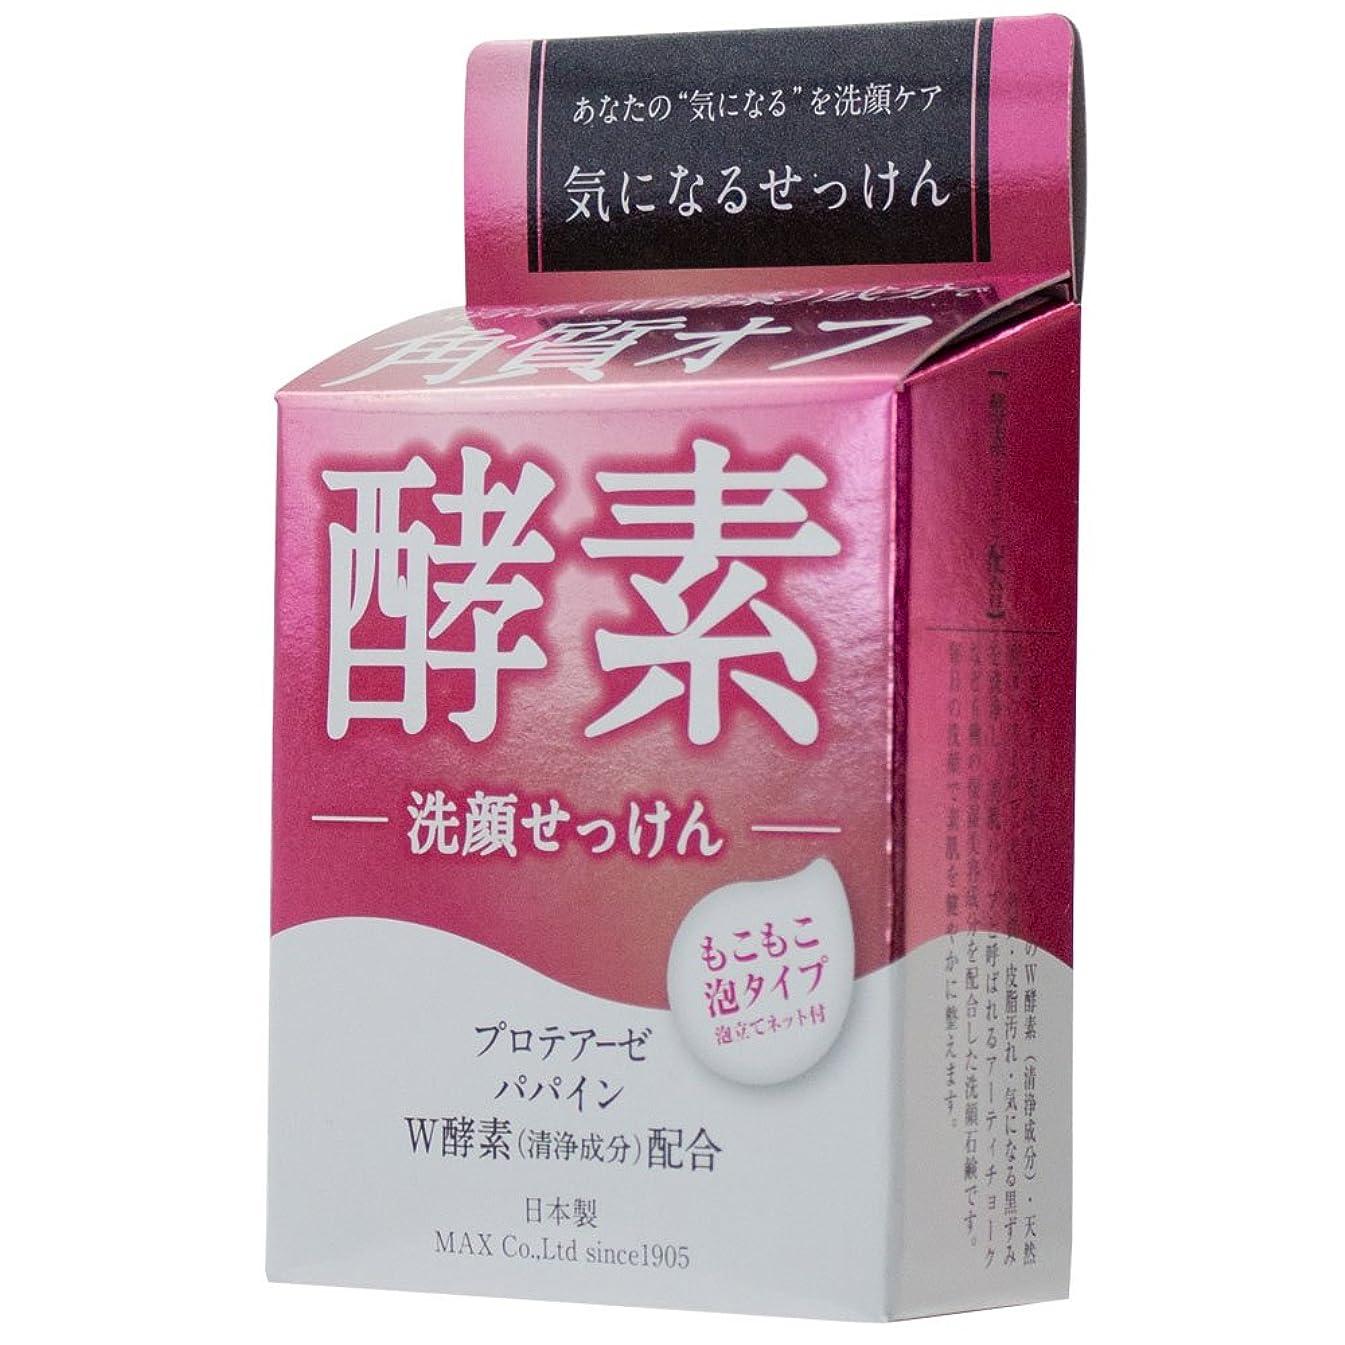 繰り返したまもなくアトラスマックス 気になる洗顔石けん 酵素 80g